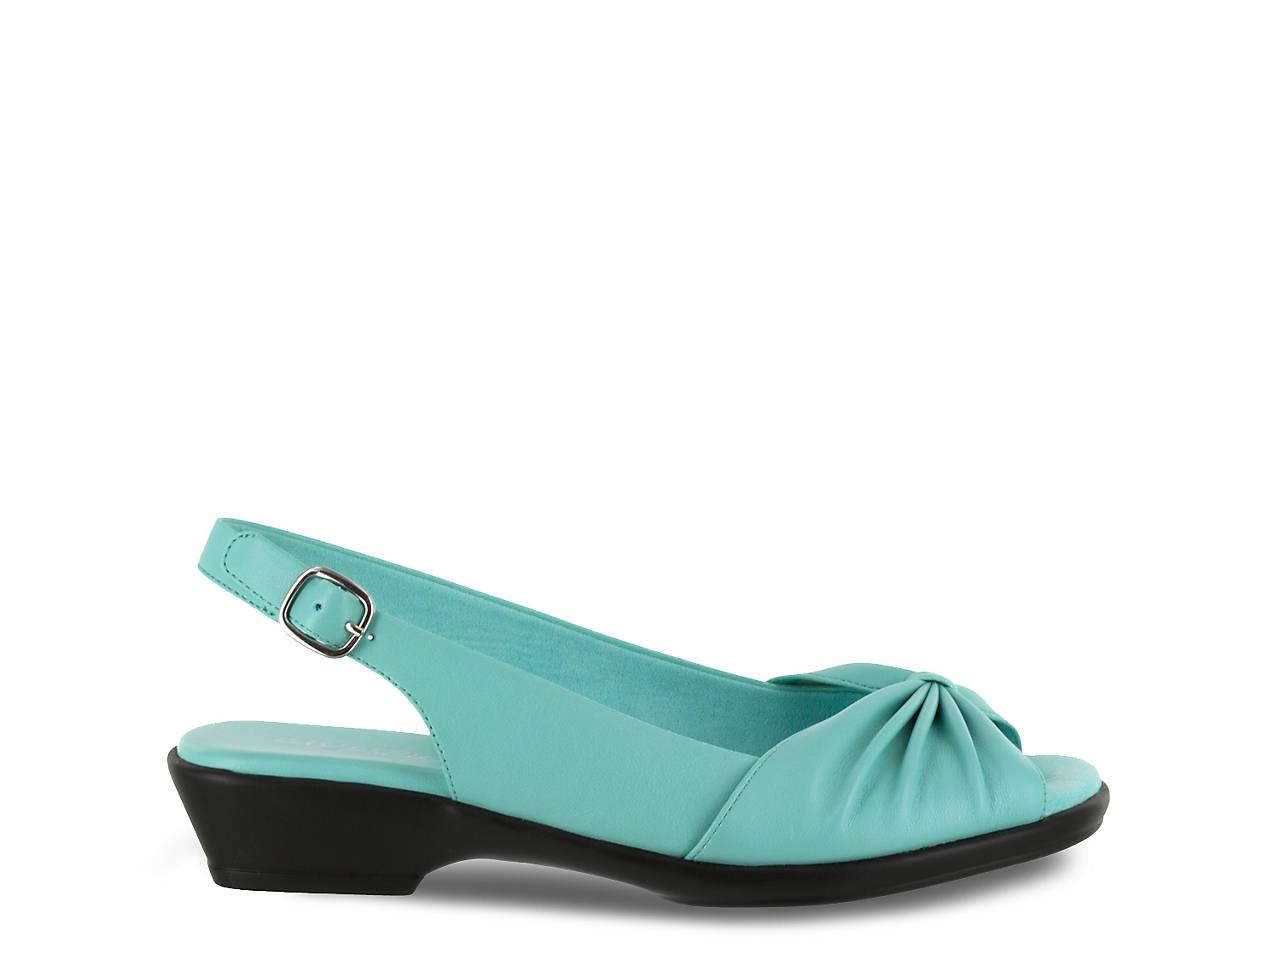 6c089f491e7 Easy Street Fantasia Sandal Women s Shoes